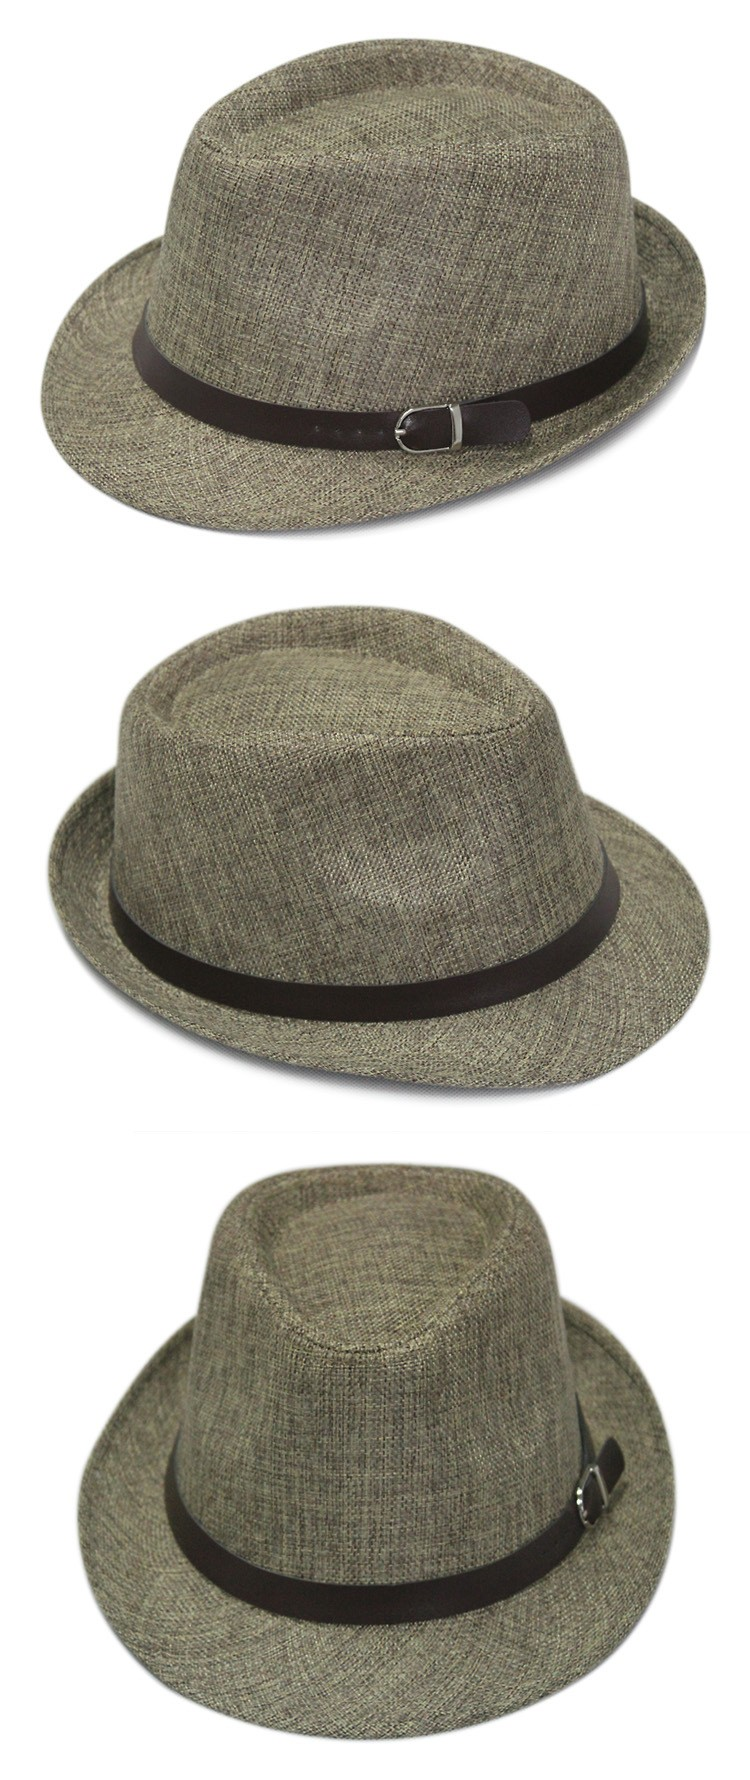 Kagenmo летняя крутая Солнцезащитная шляпа вечерние Кепка джентльмена уличный танец шляпа 11 цветов 1 шт